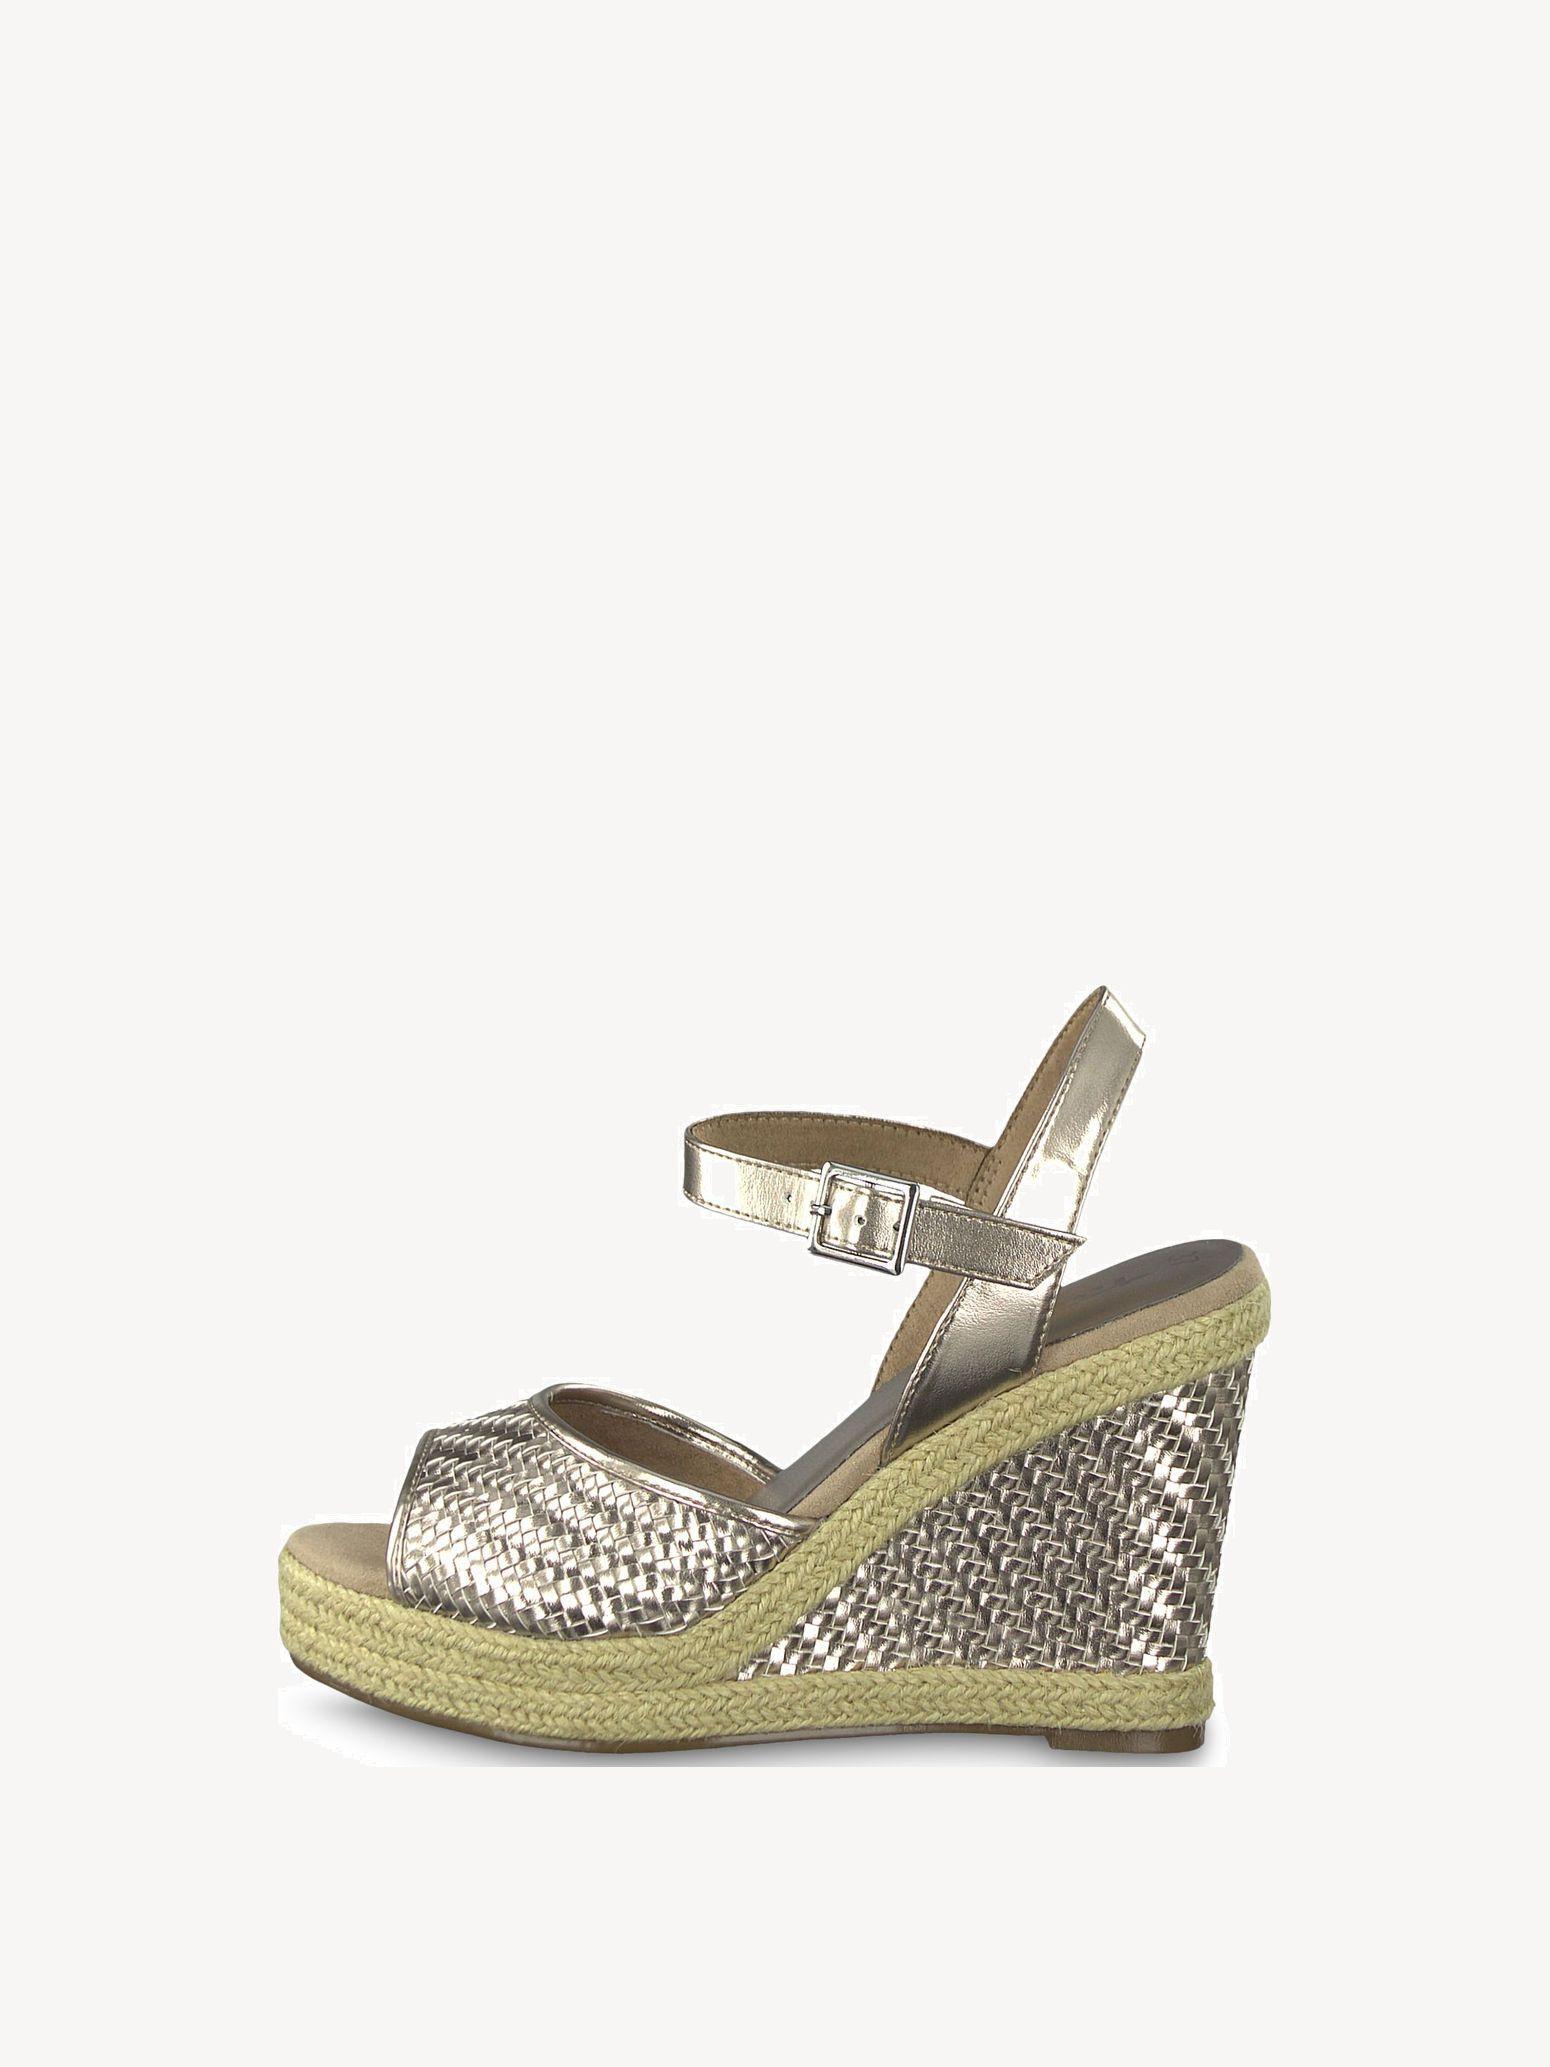 Buy Online Now Tamaris Sole Plateau Sandals 54R3jAL